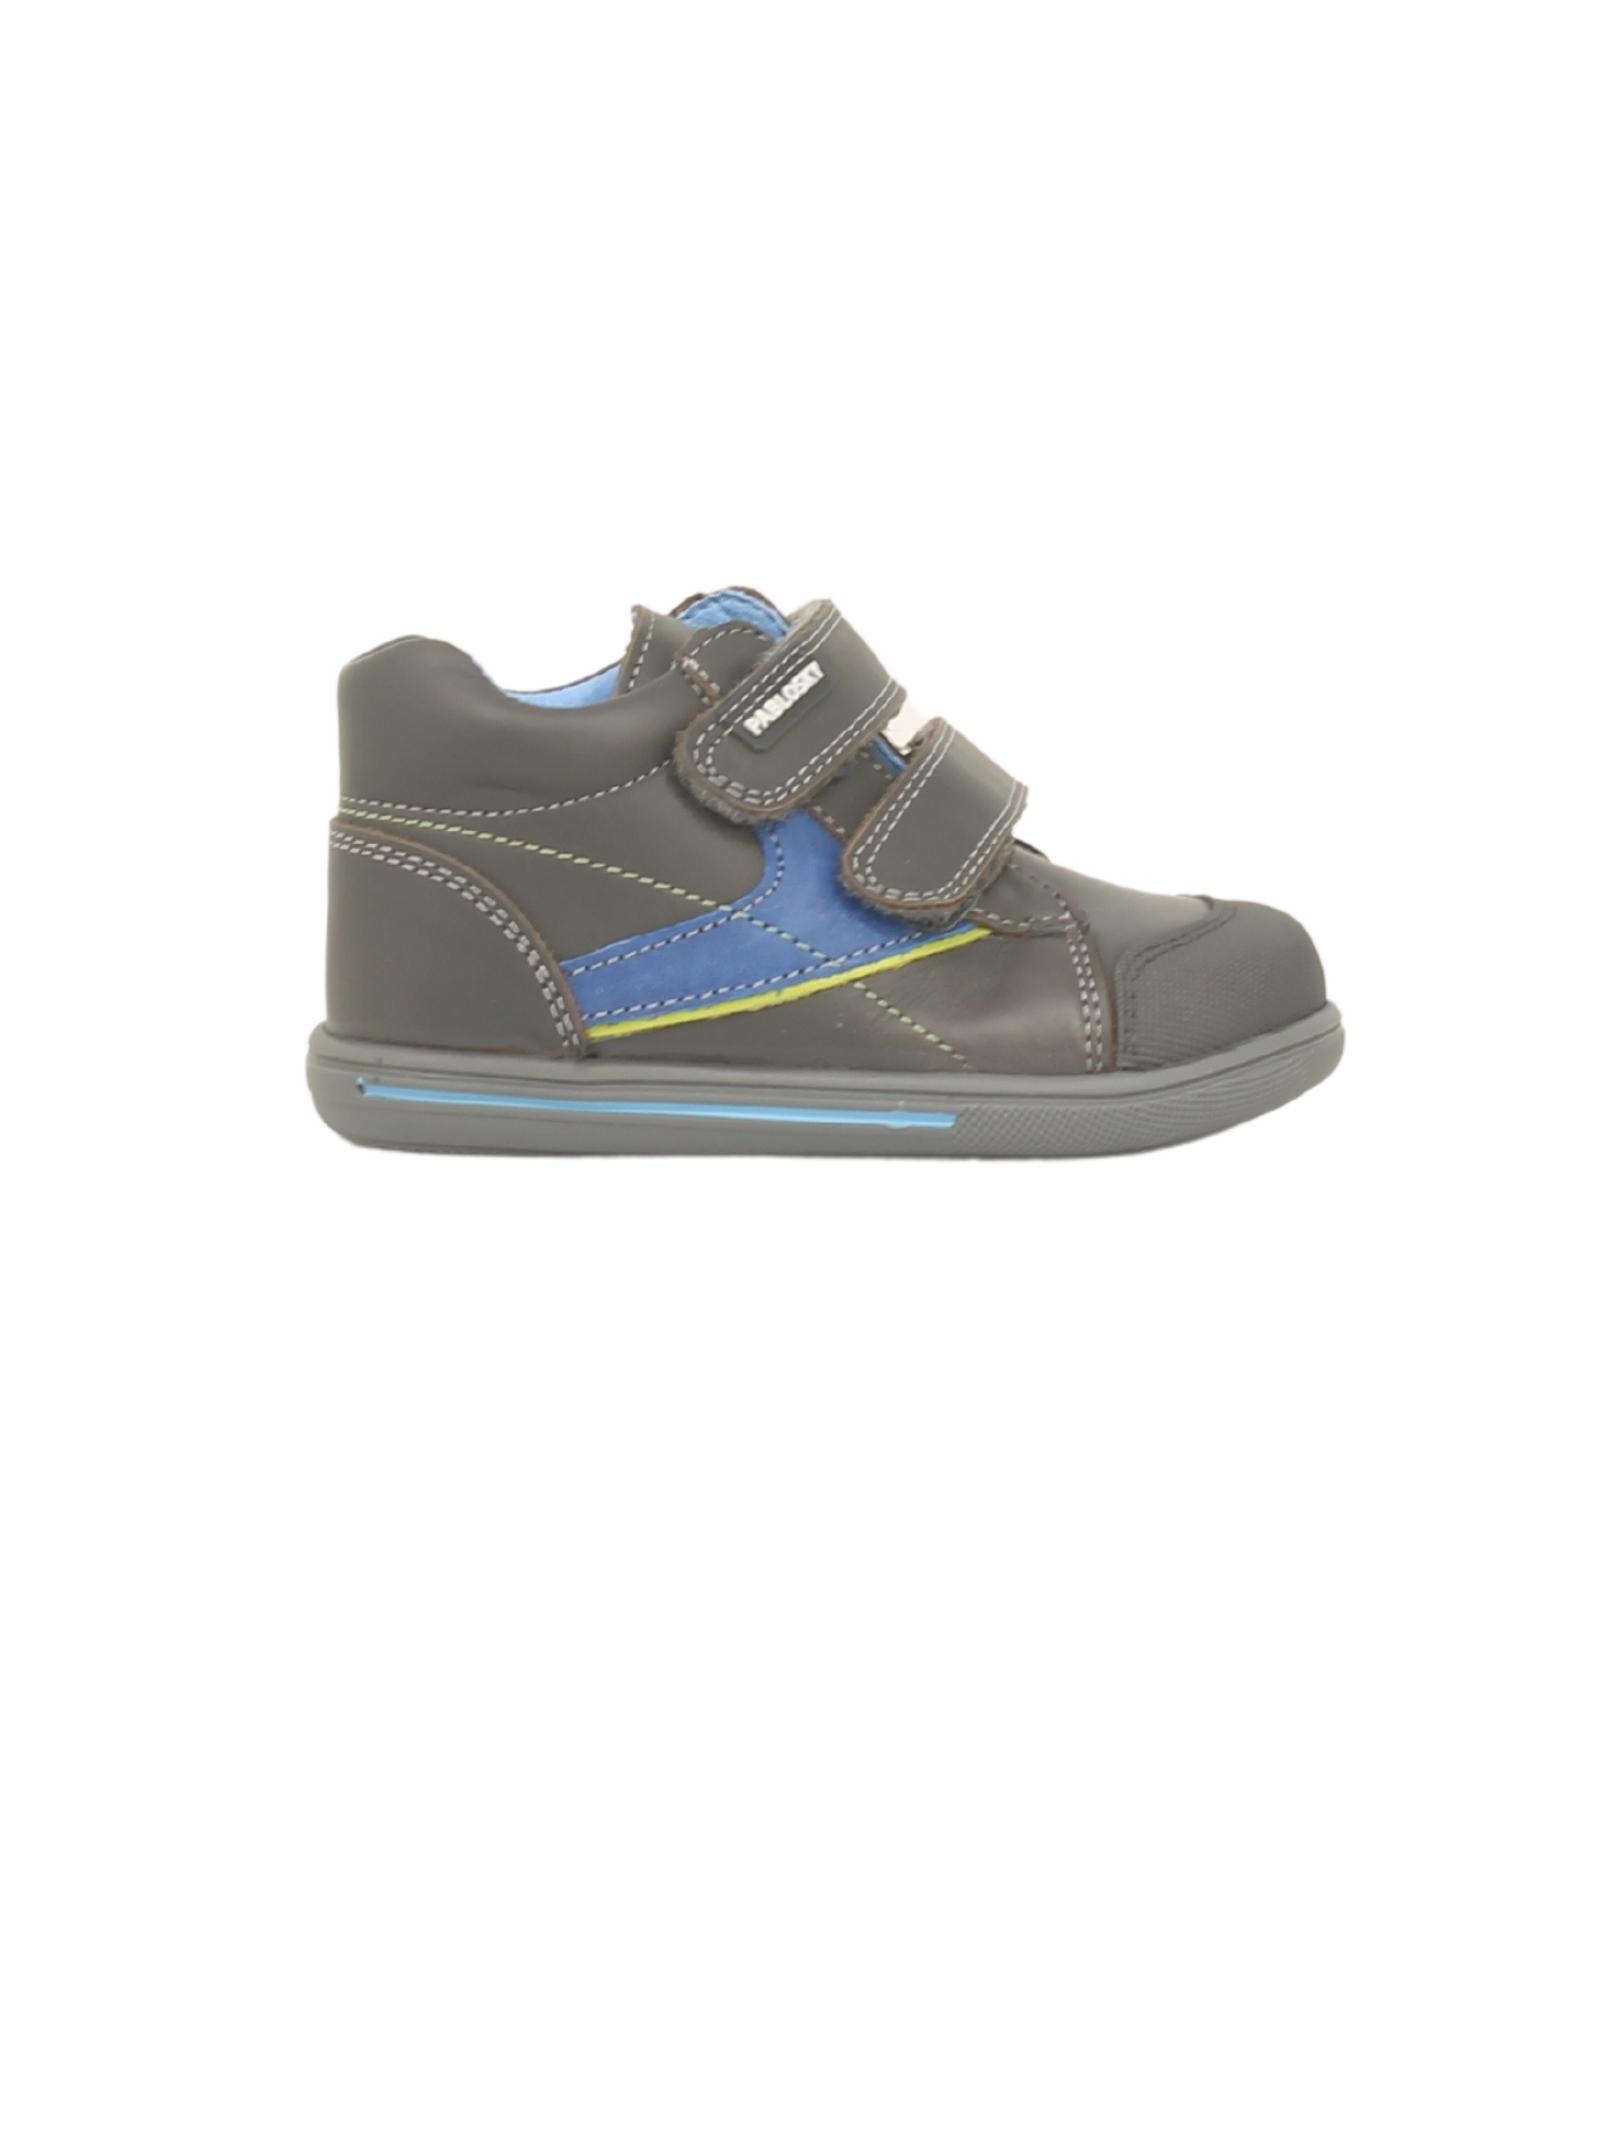 Sneakers Strappo Bambino PABLOSKY | Sneakers | 002454GRIGIO